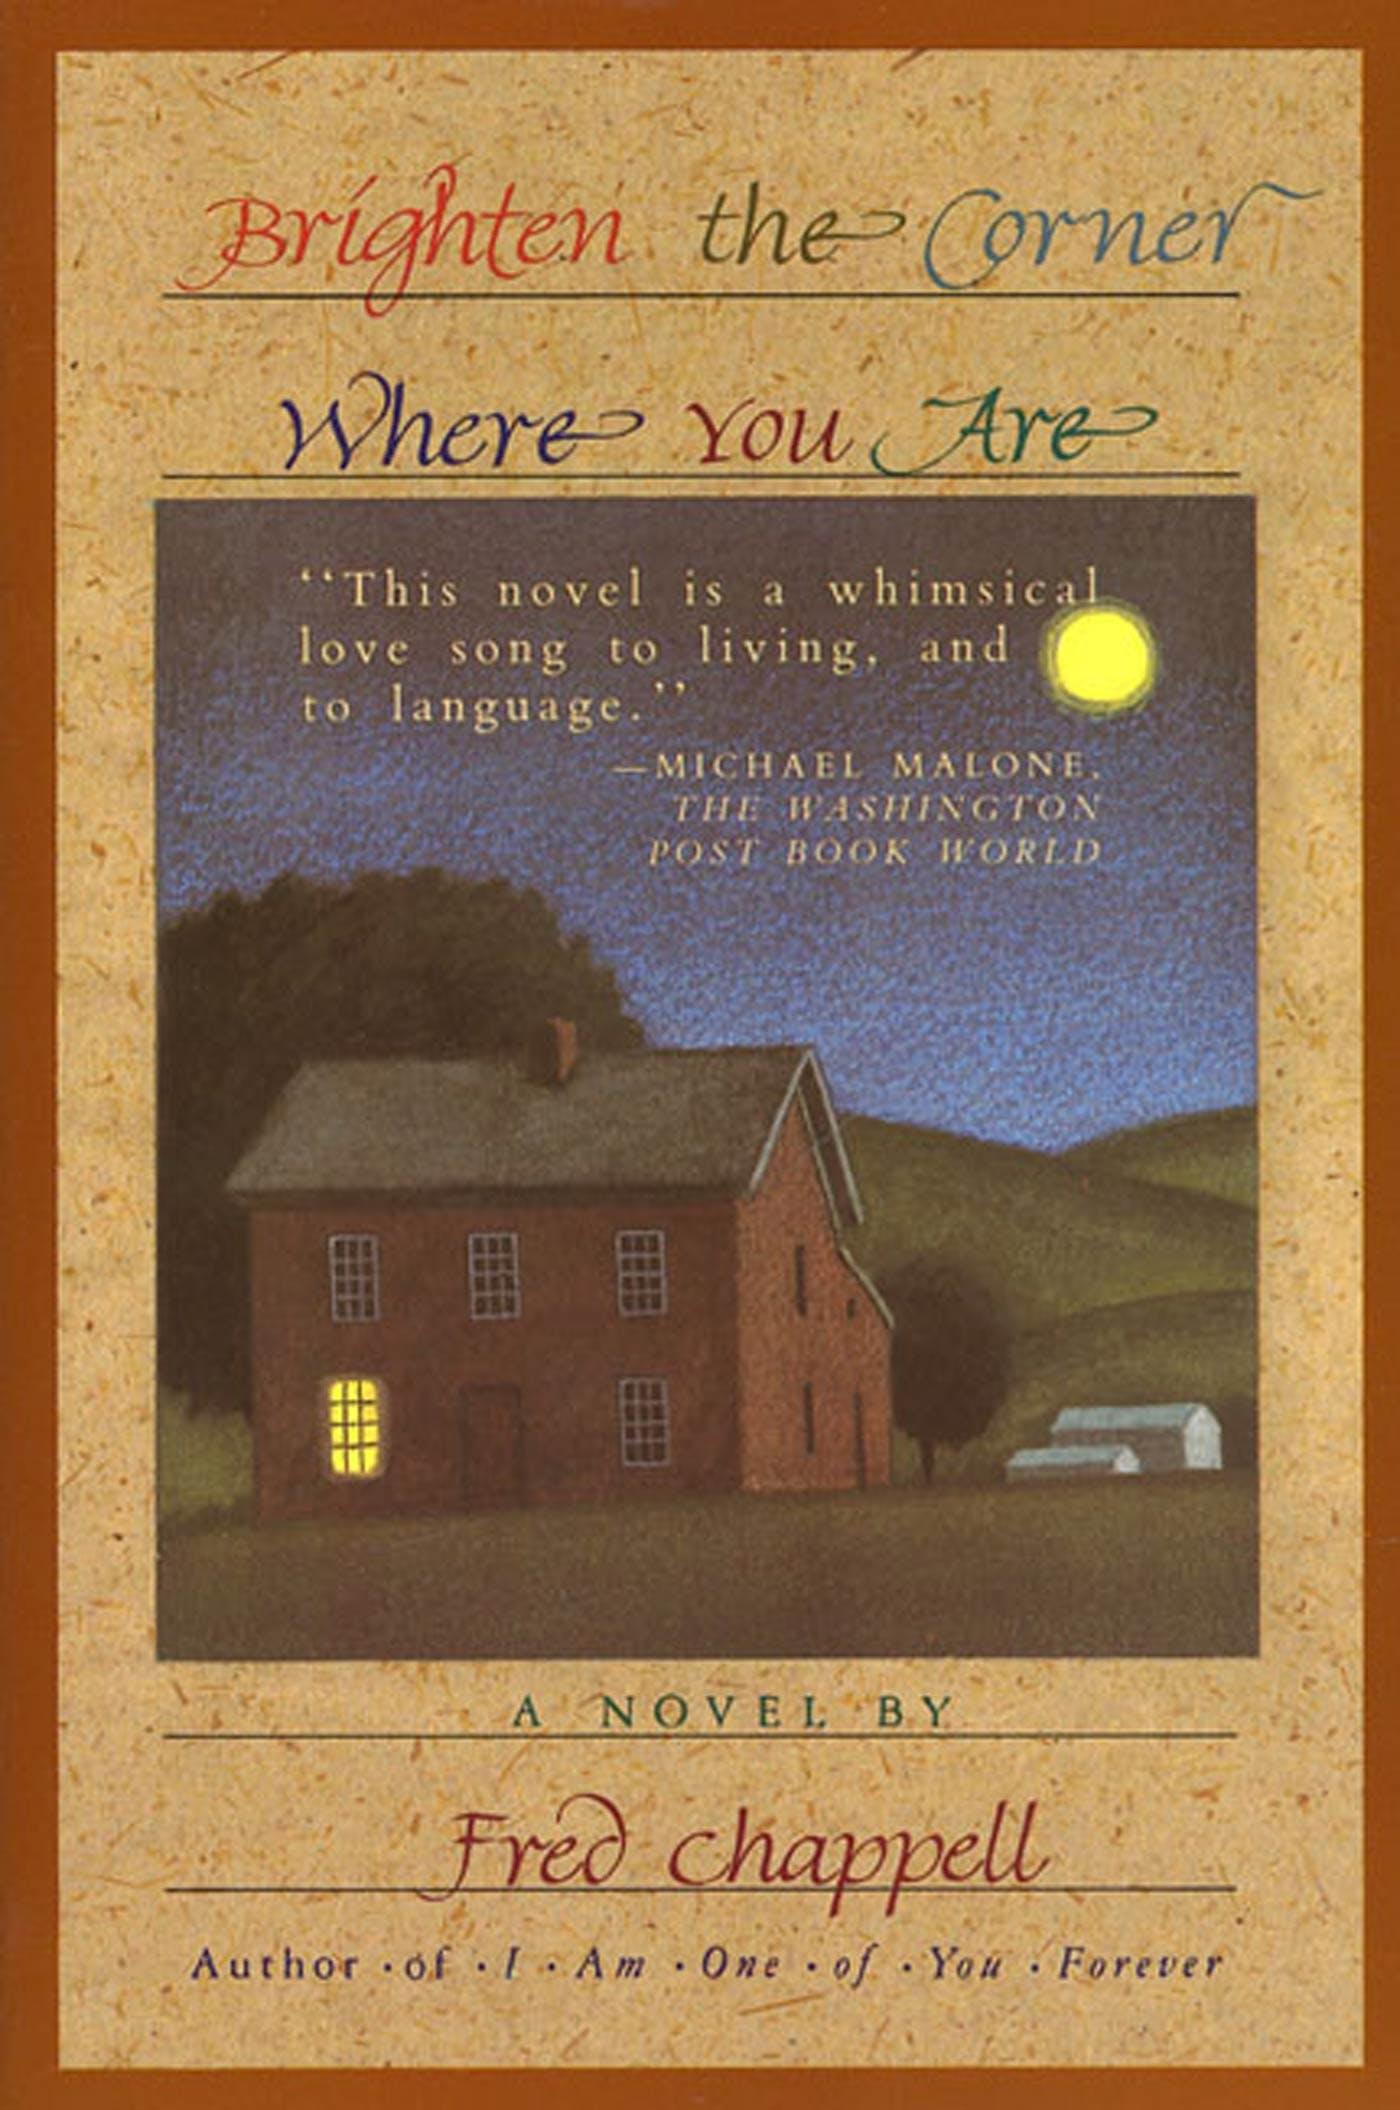 Image of Brighten the Corner Where You Are